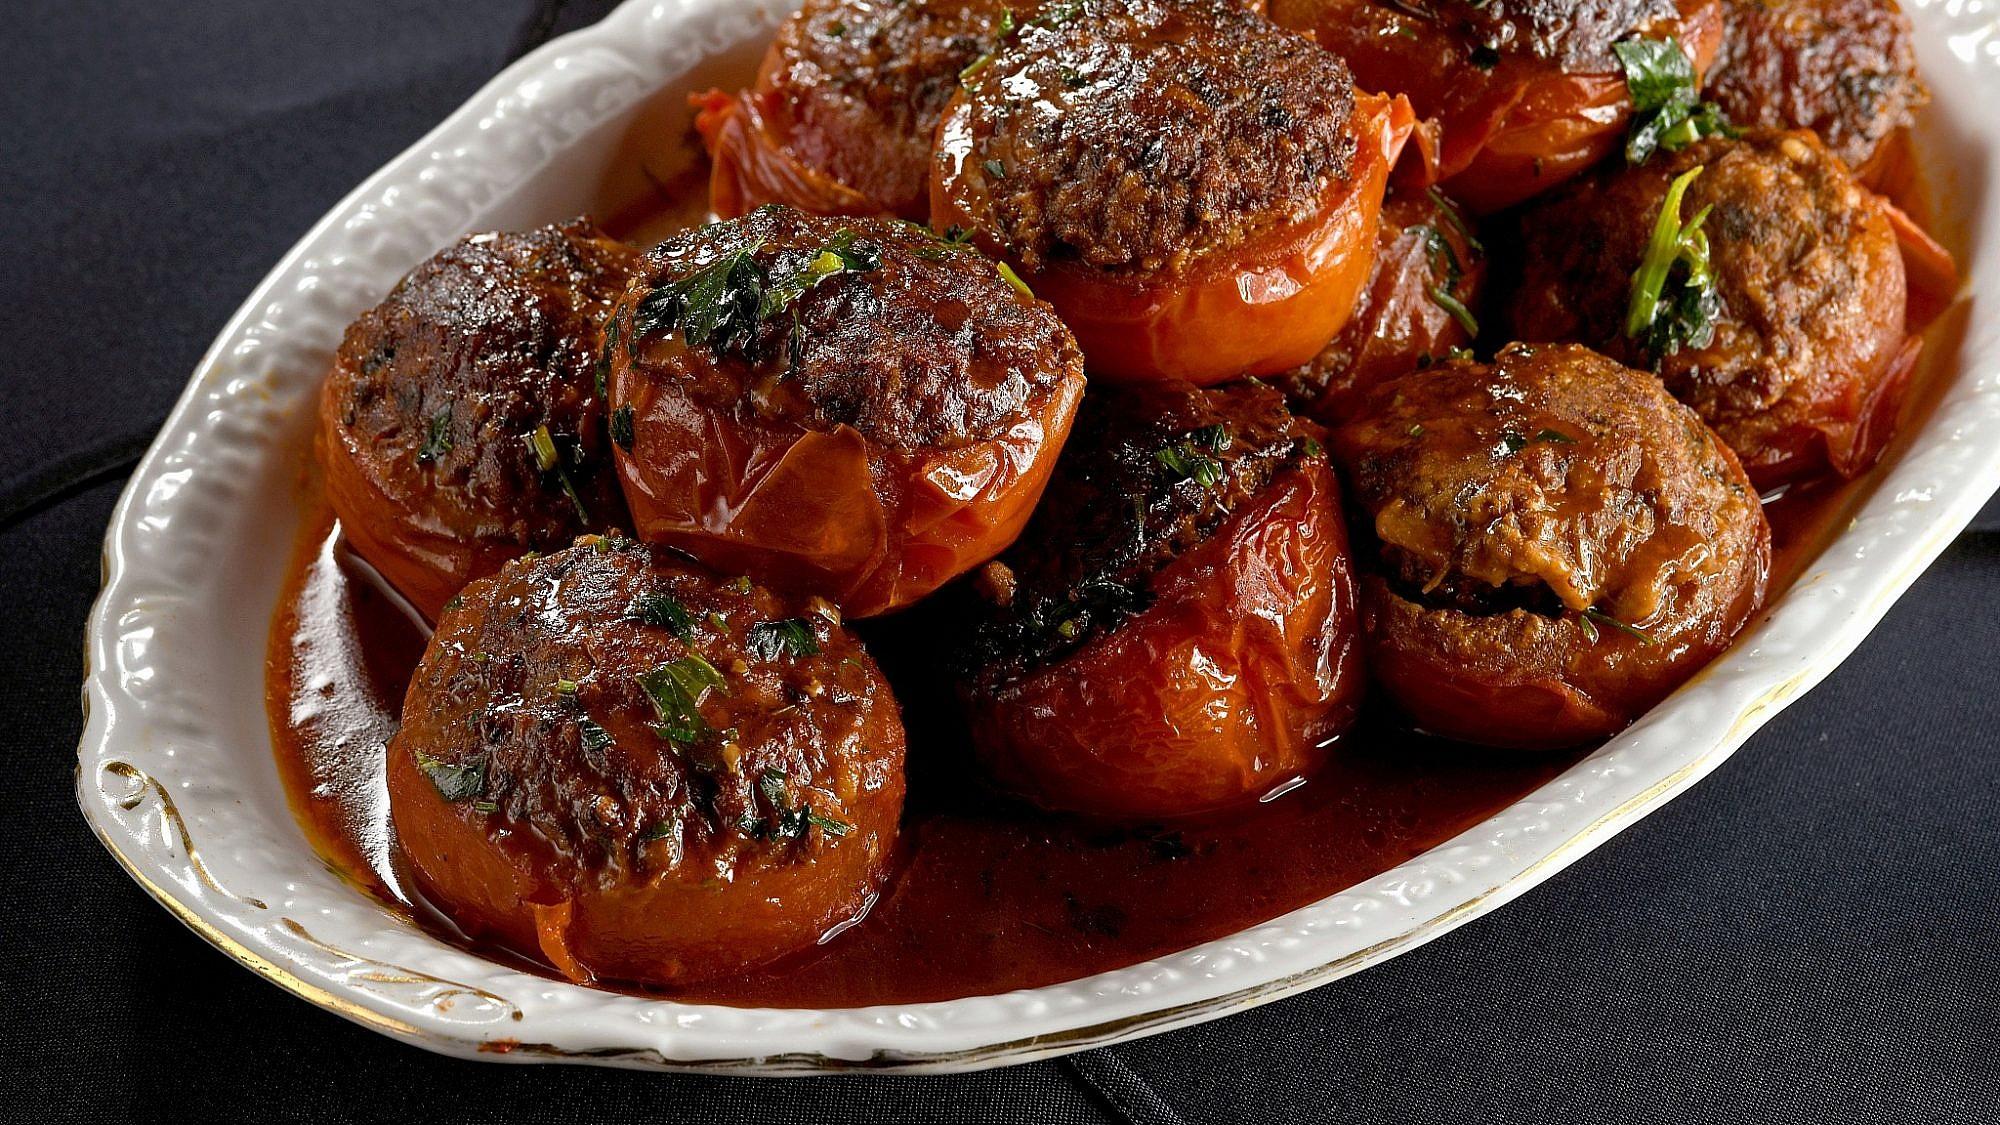 מדיאס עגבניות של דניאלה לרר. צילום: רן בירן